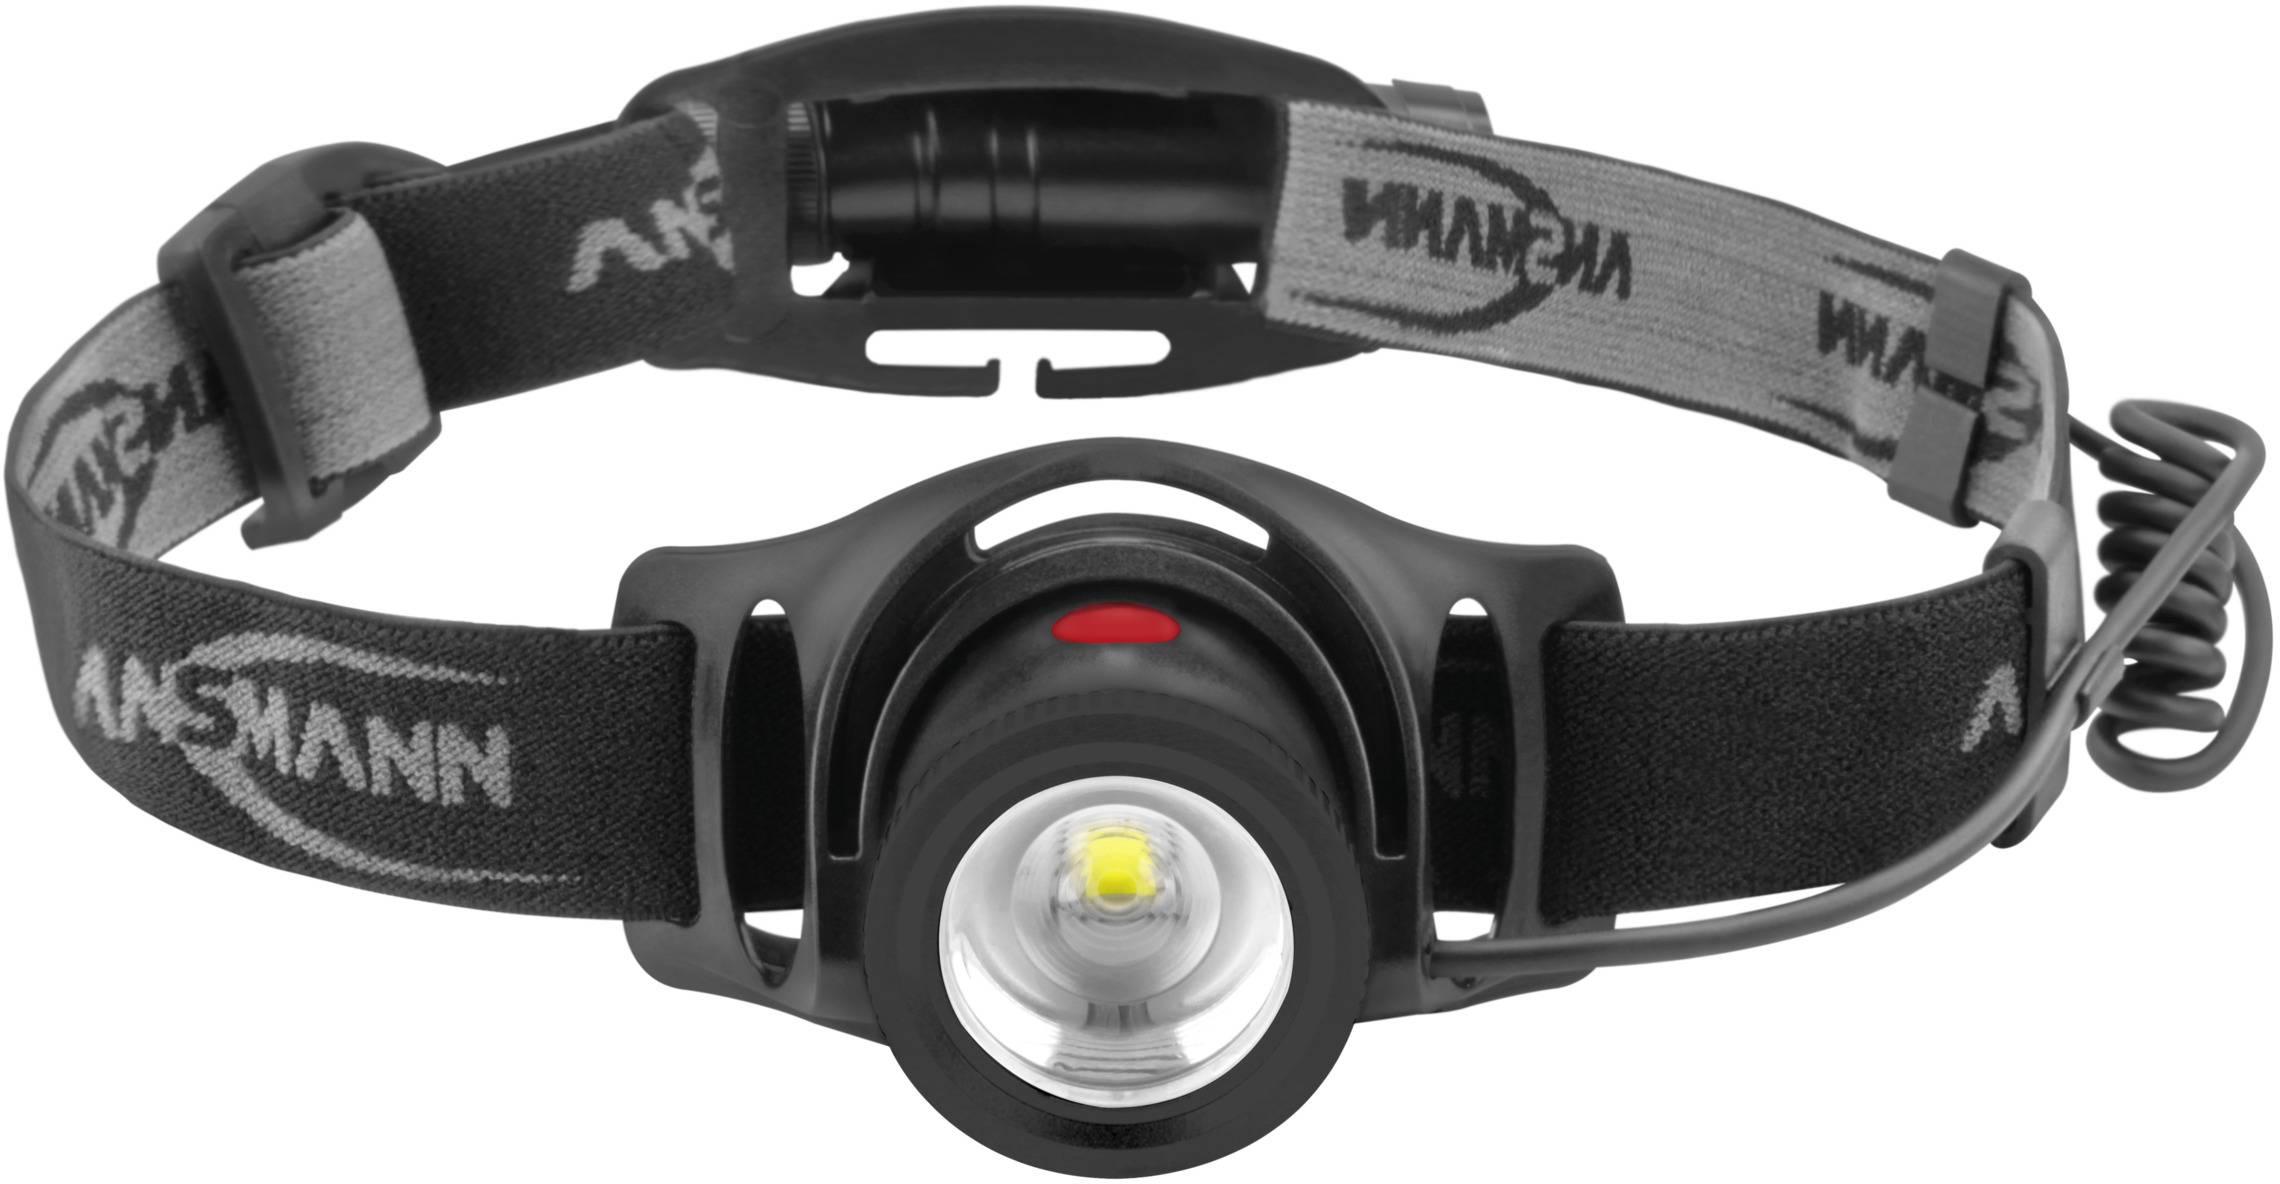 SCHWARZE LED KOPFLAMPE mit integrietem ACCU im Lampenkopf für Angler